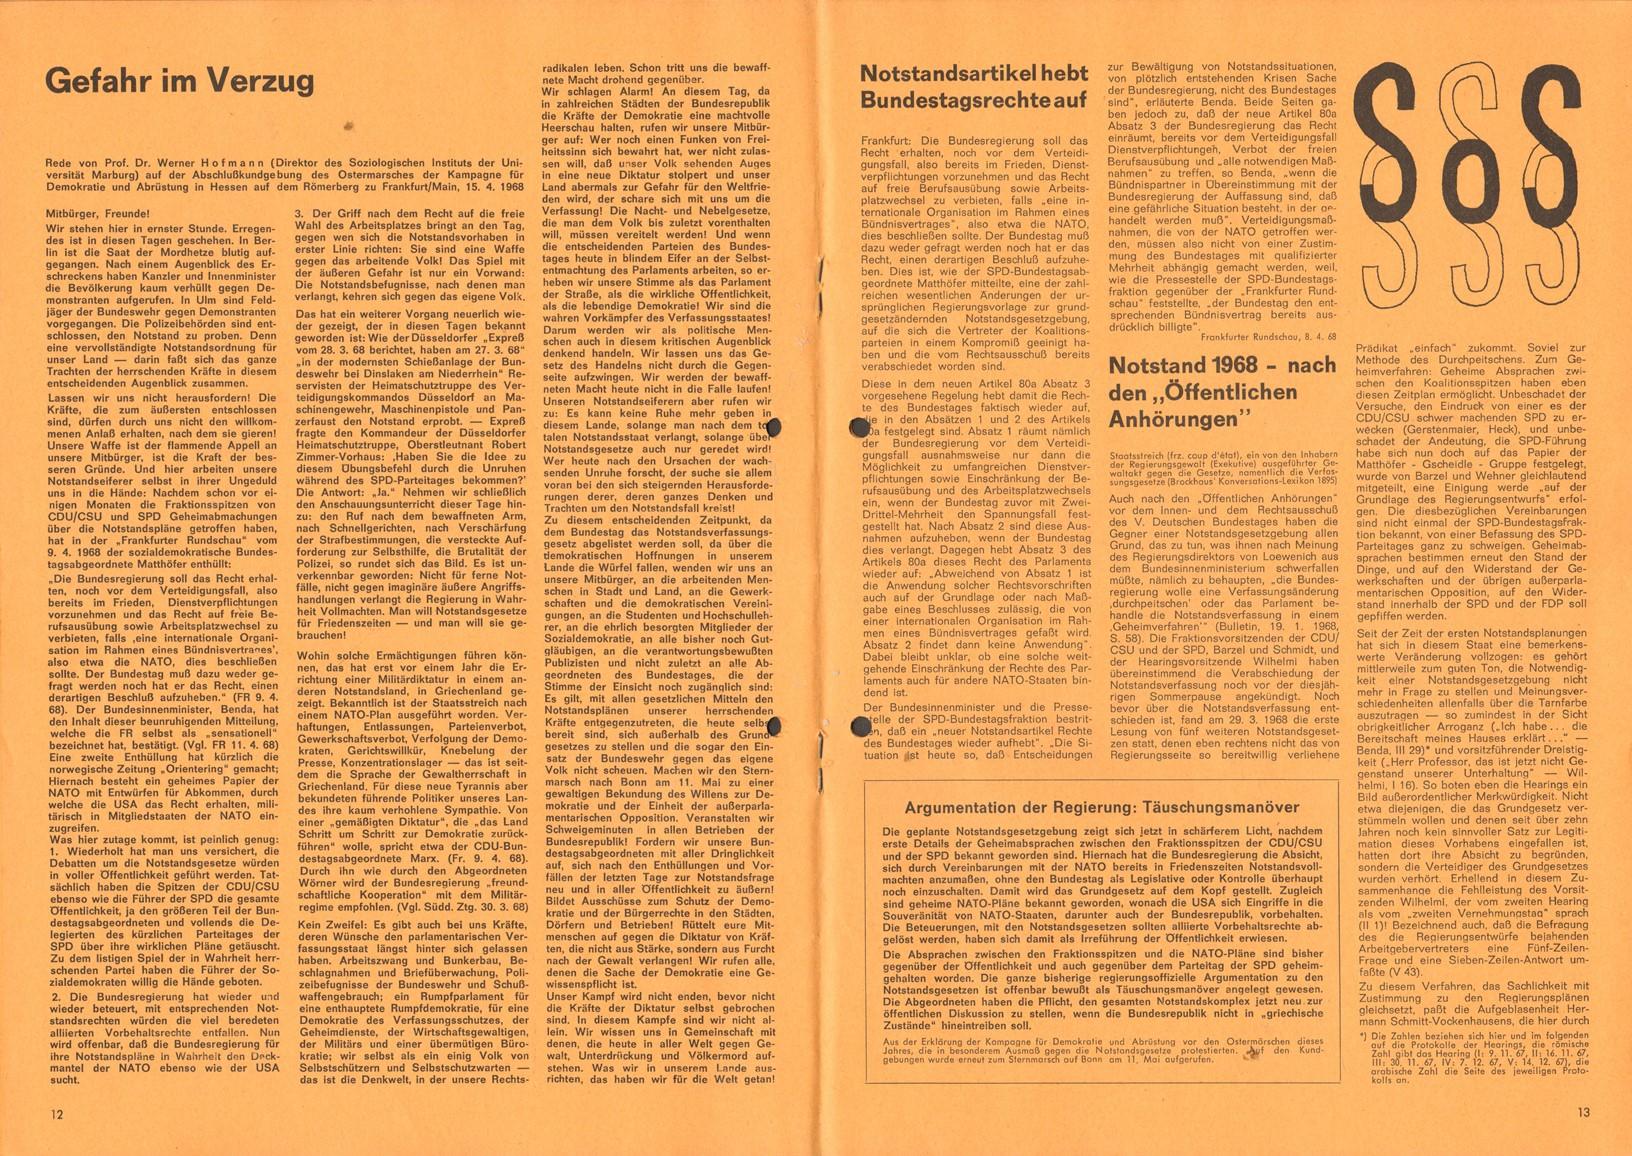 Informationen_zur_Abruestung_1968_057_058_007